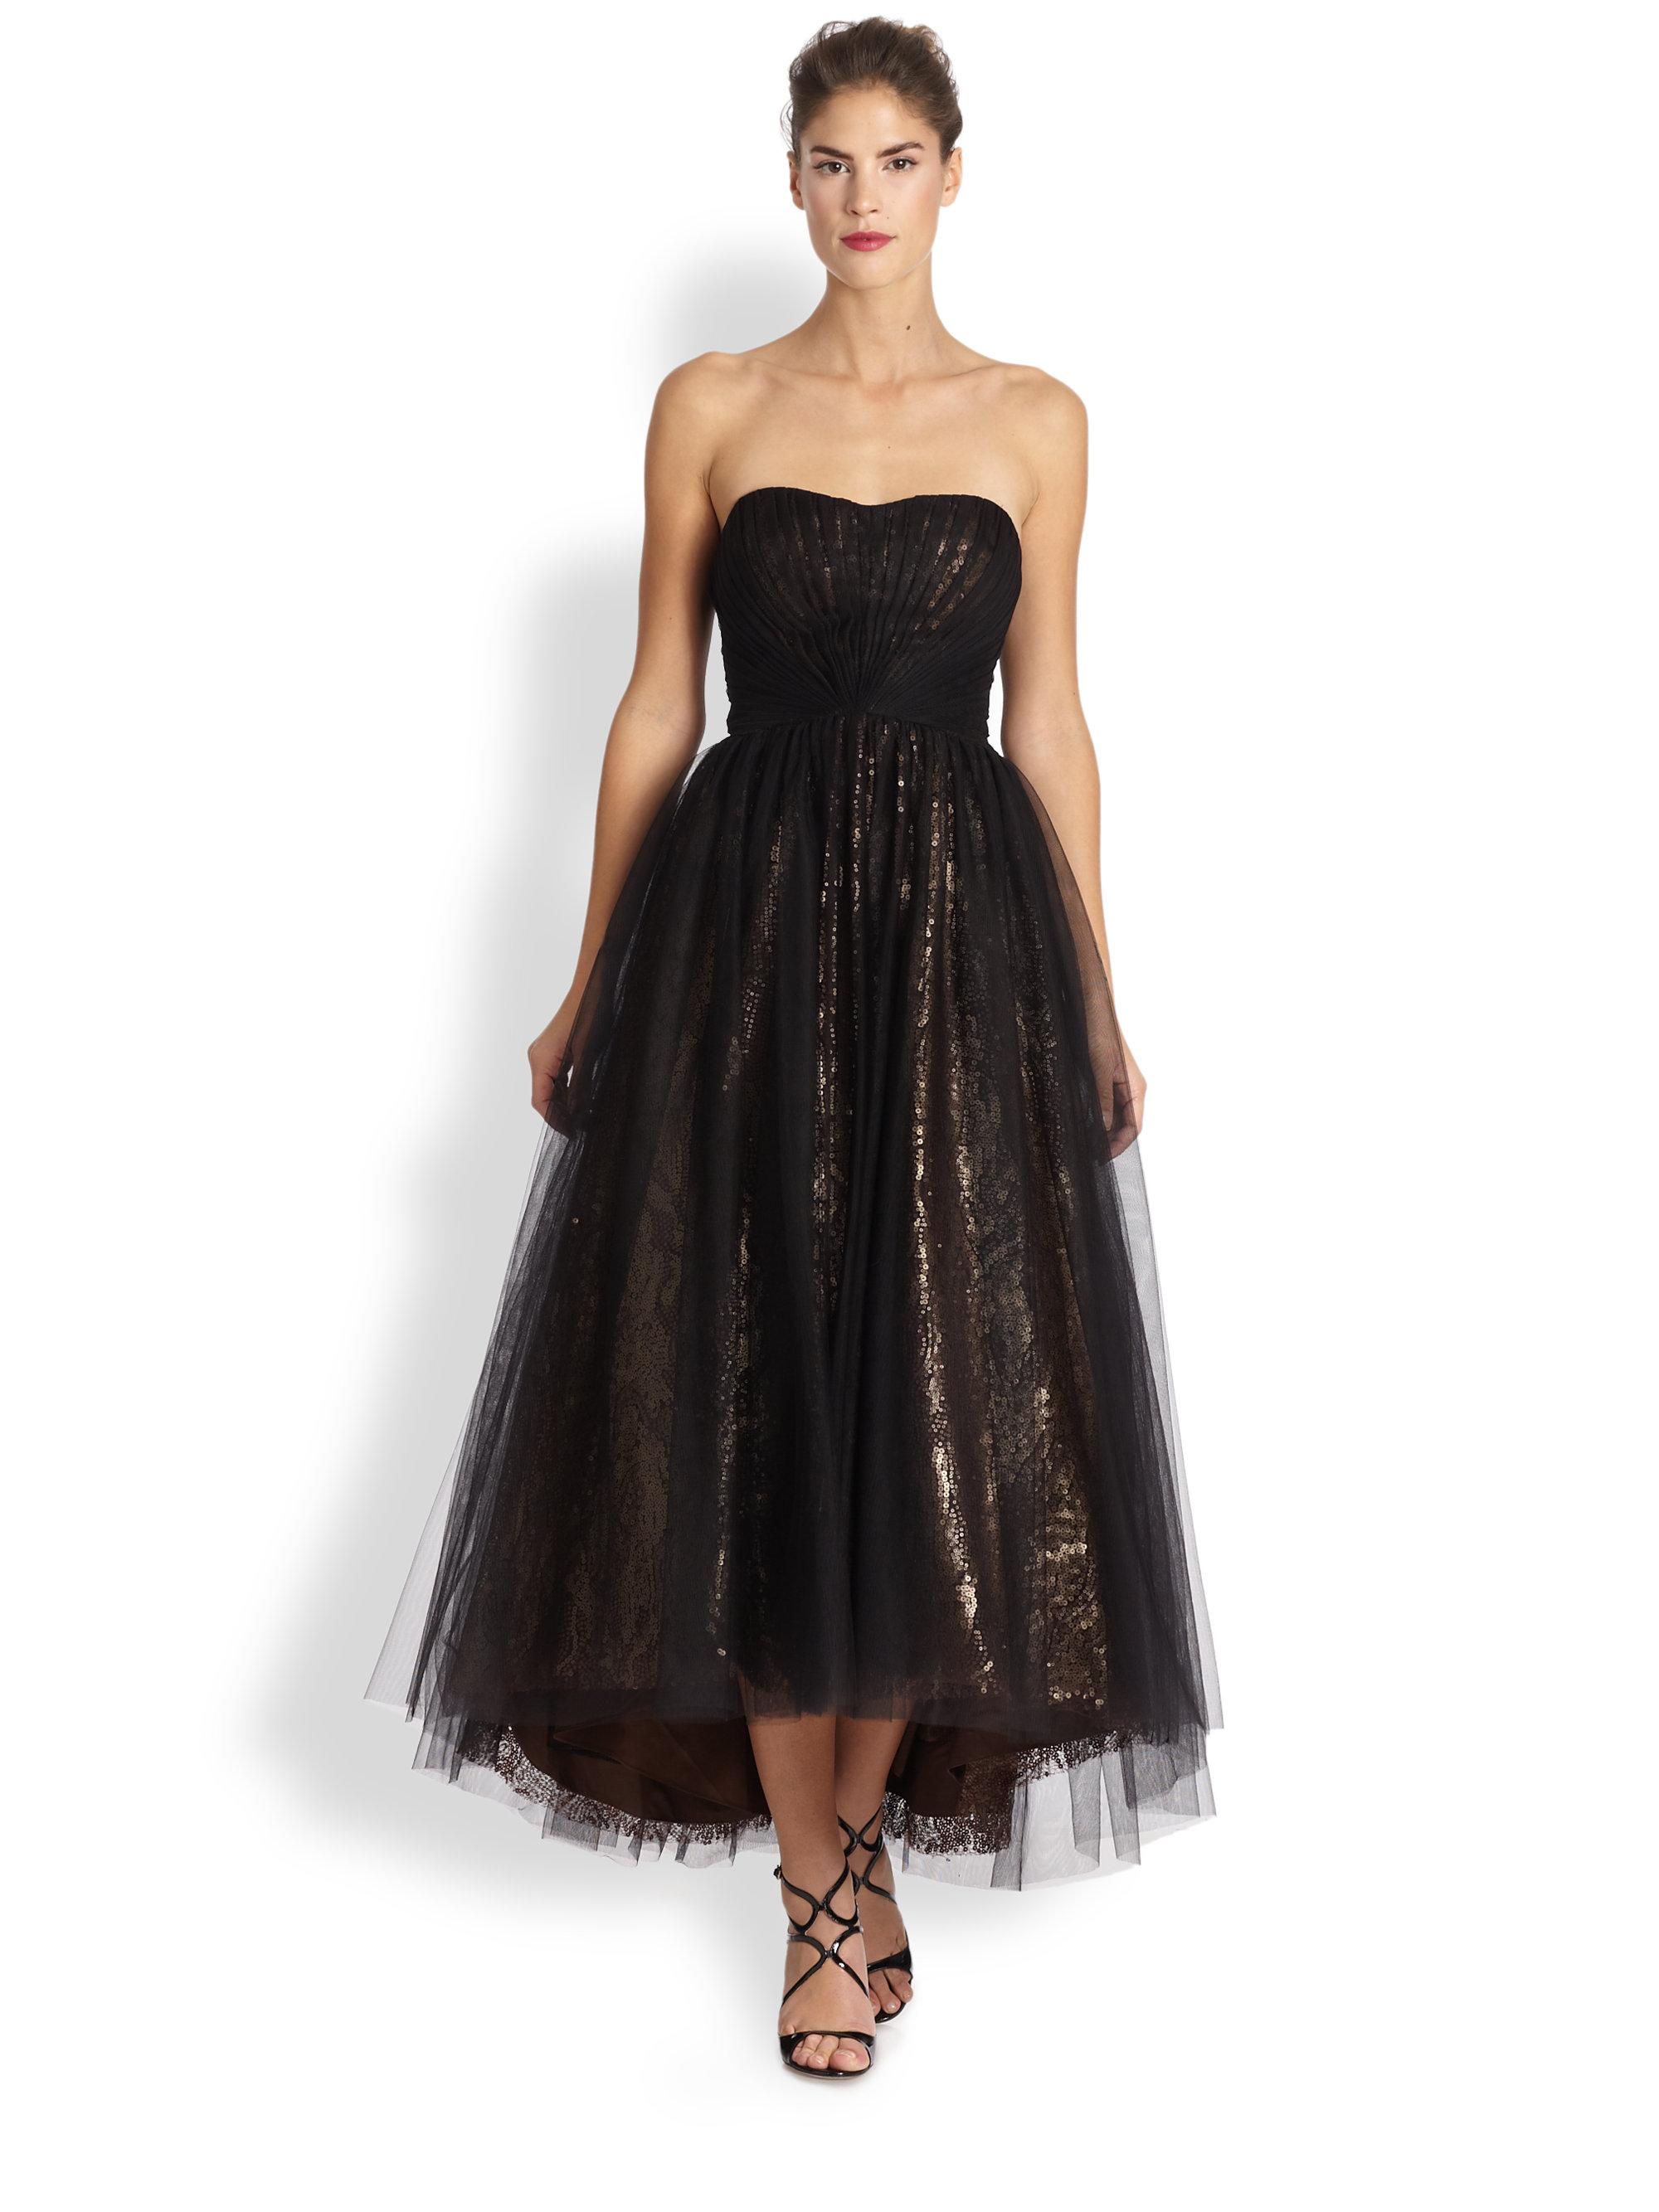 Ml monique lhuillier black dress